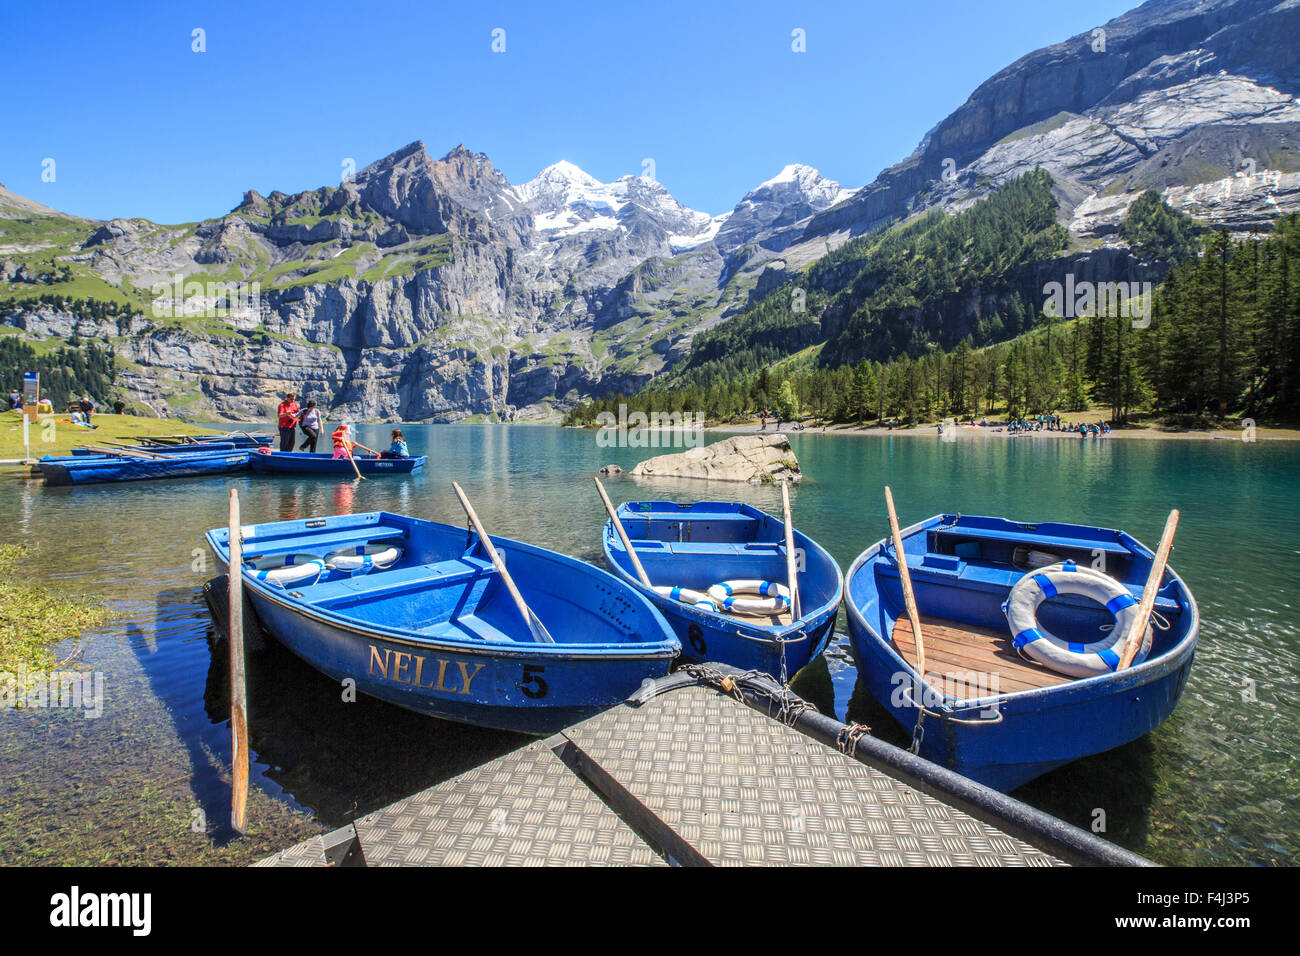 Bootsfahrt um See Oeschinensee, Berner Oberland, Kandersteg, Kanton Bern, Schweiz, Europa Stockbild